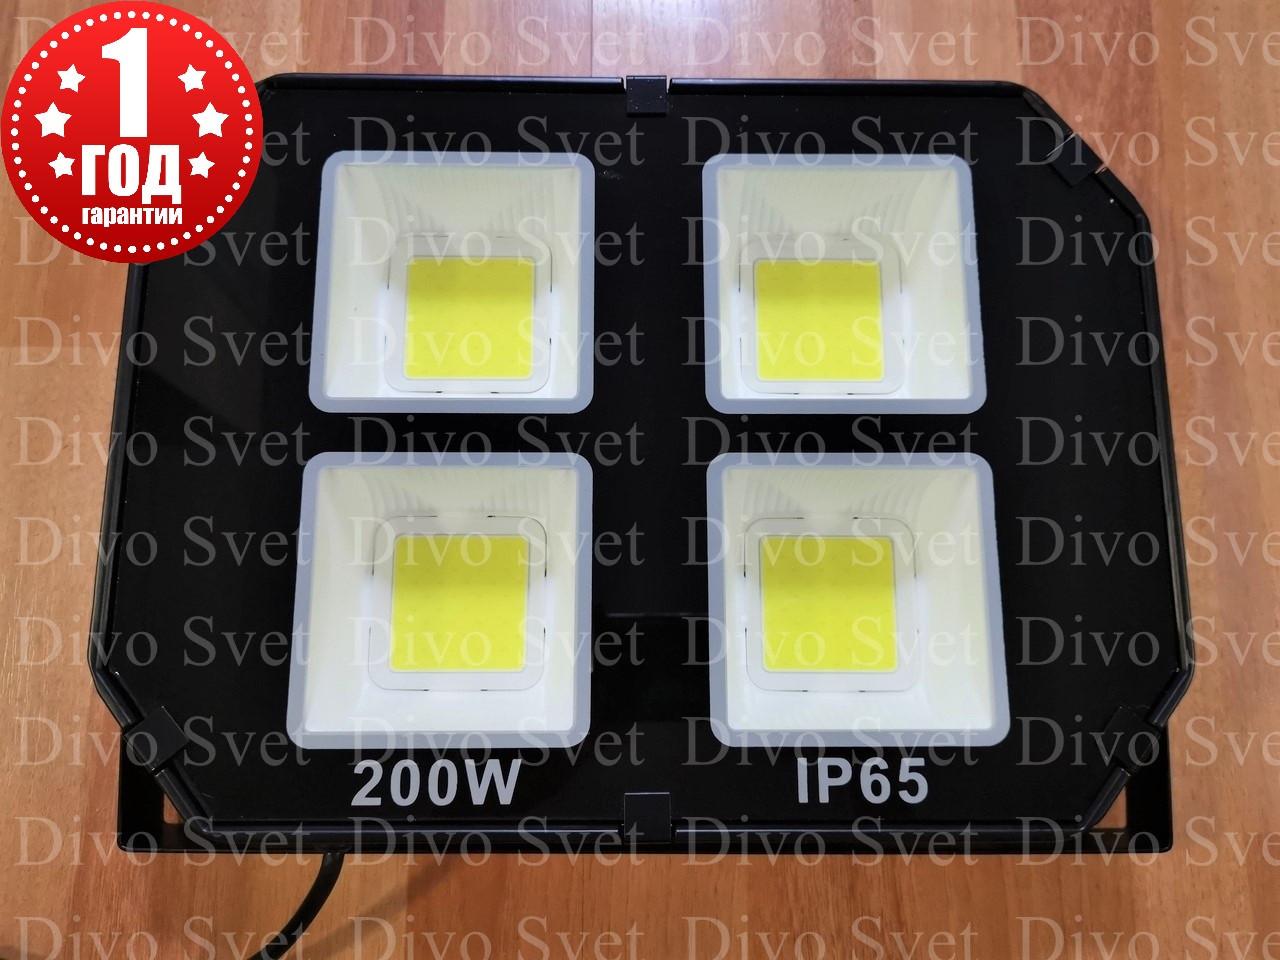 """Прожектор светодиодный GL 200 W """"Стандарт"""" серия. Прожекторы уличные IP65, чёрный корпус."""